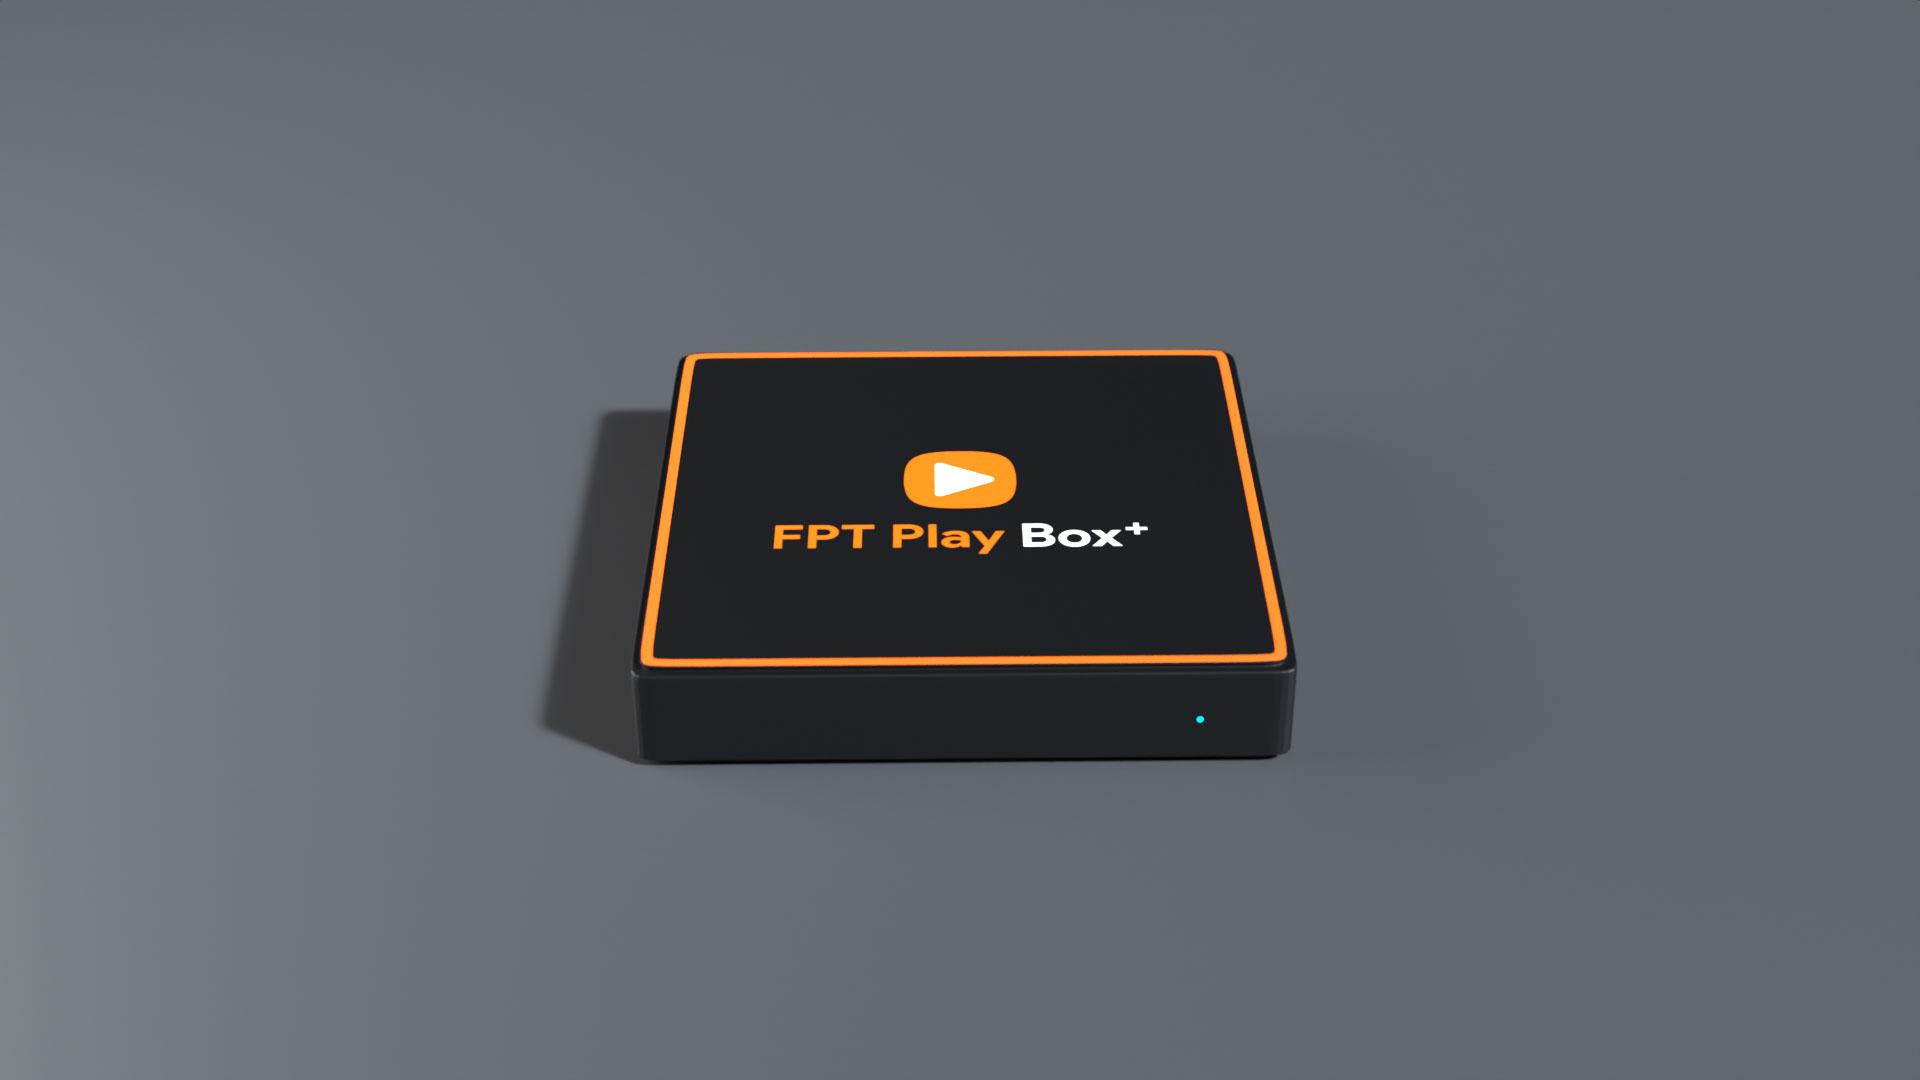 FPT Play Box 2020 Phiên Bản S550